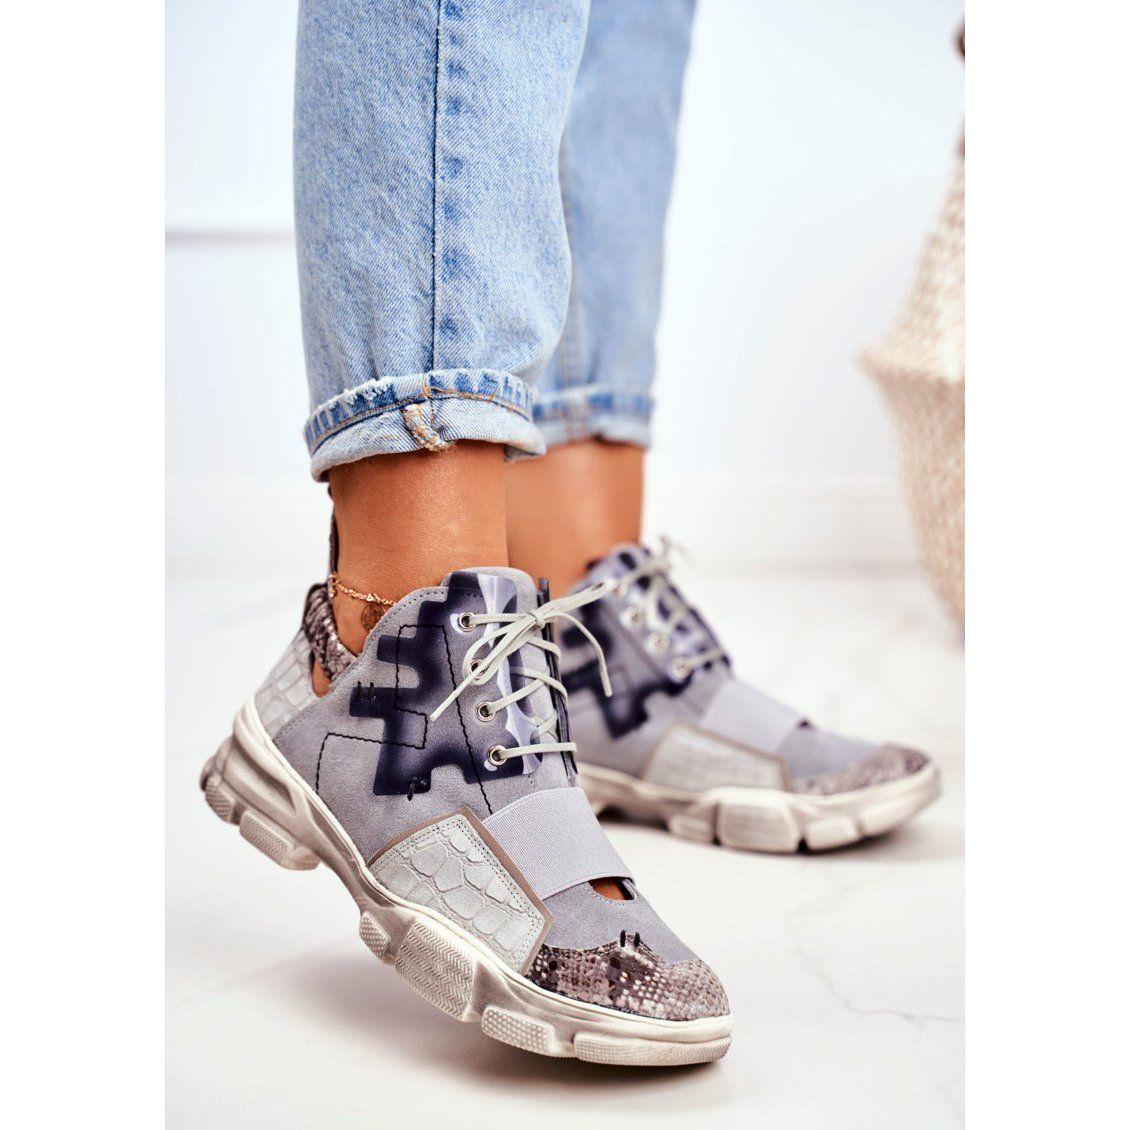 Damskie Sneakersy Skorzane Maciejka 04423 13 Szare Womens Wedge Sneakers Sneakers Shoes